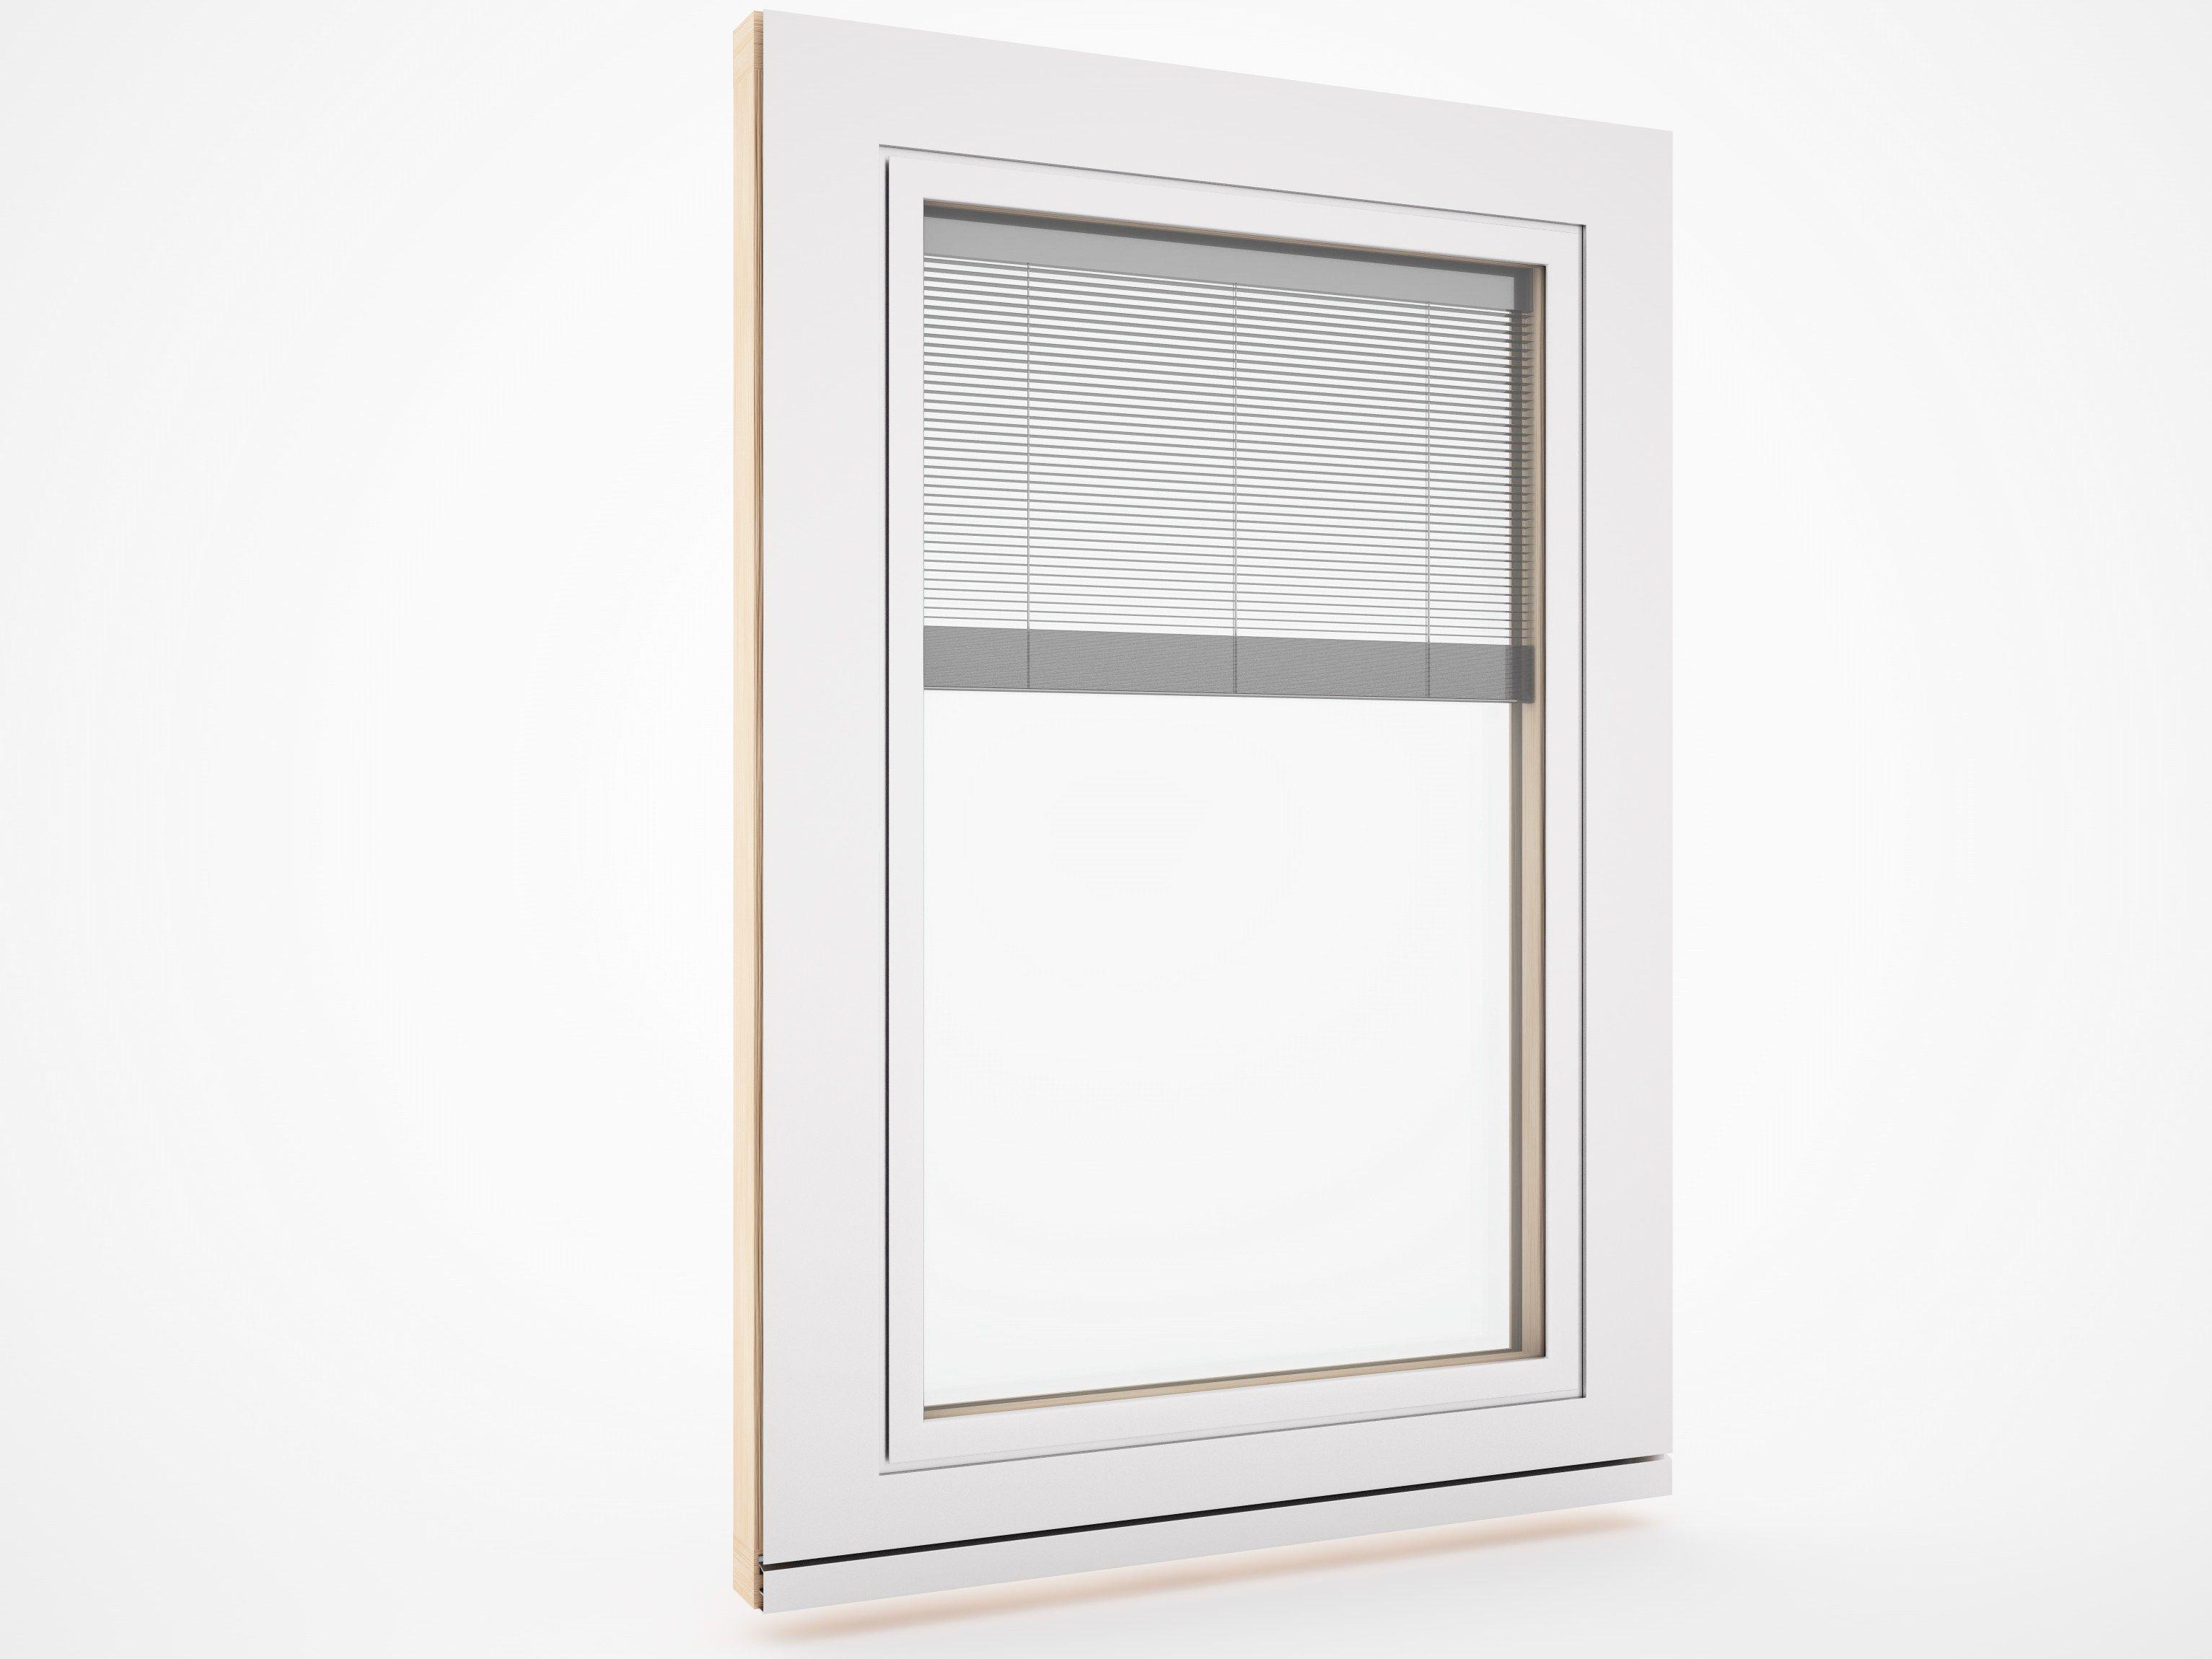 fenster aus aluminium und holz mit integrierter jalousie. Black Bedroom Furniture Sets. Home Design Ideas